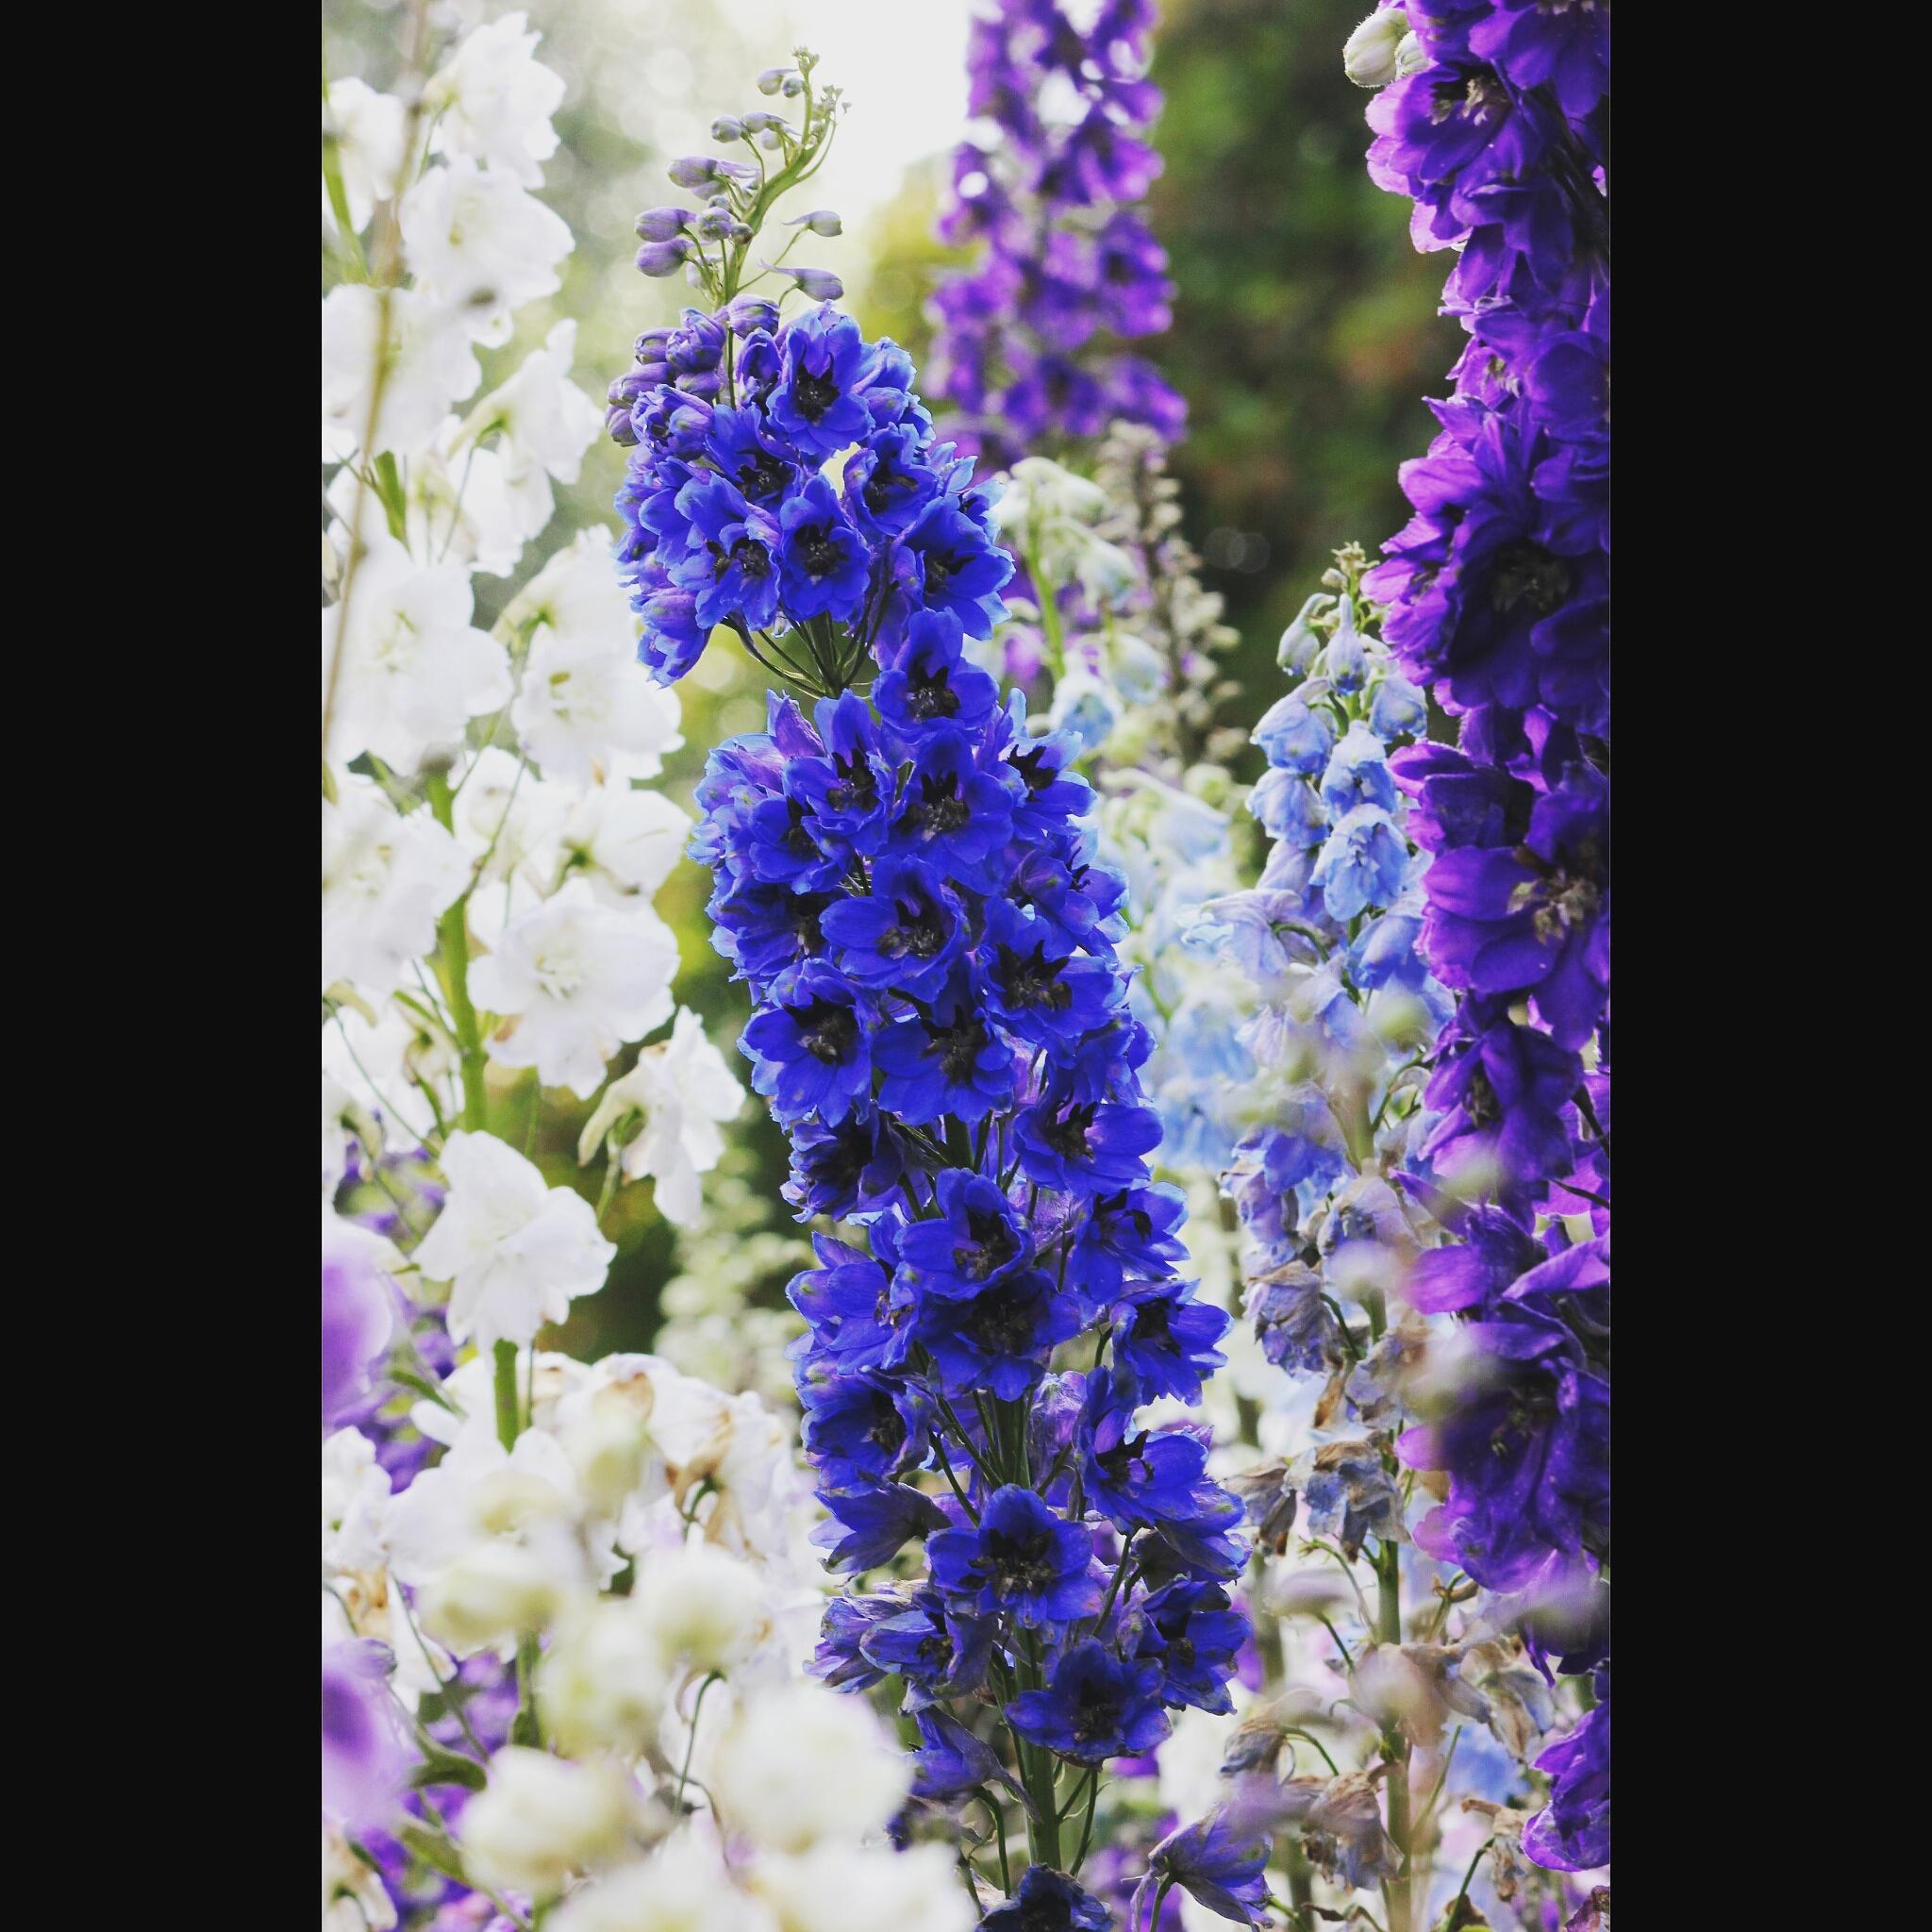 Blue *_* by Raji Selvakumar